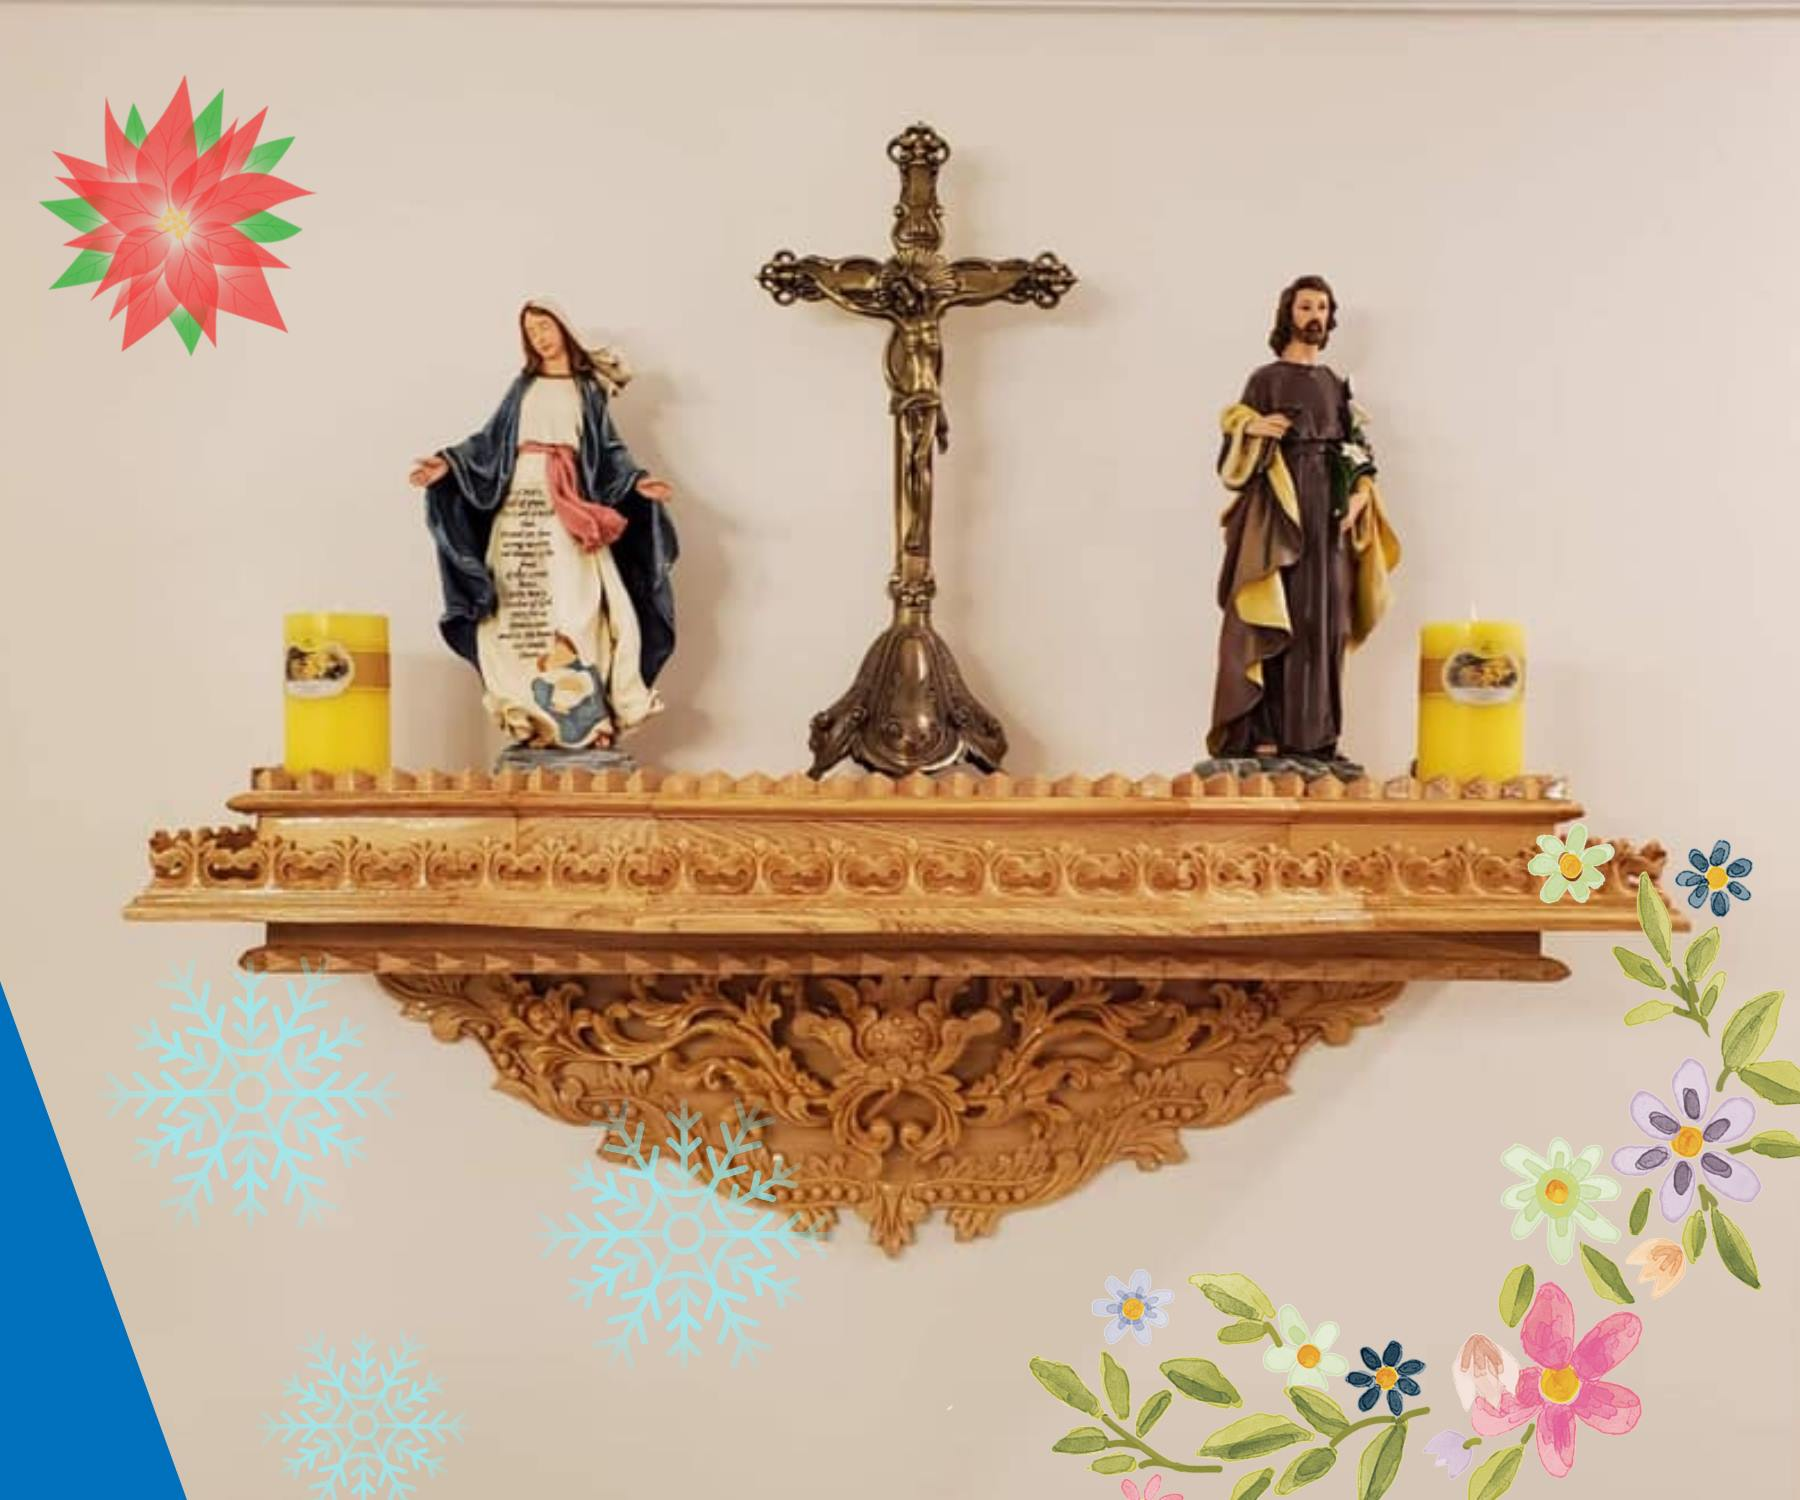 Ảnh Tượng Công Giáo và những Mẫu Bàn Thờ Chúa (Bàn Thờ Công Giáo - Bàn Thờ Thiên Chúa) được quan tâm nhiều nhất tại Việt Nam. Những Ảnh Tượng Công Giáo cổ điển, được sản xuất thủ công bằng đôi tay những người thợ lành nghề, những người nghệ nhân yêu nghề...